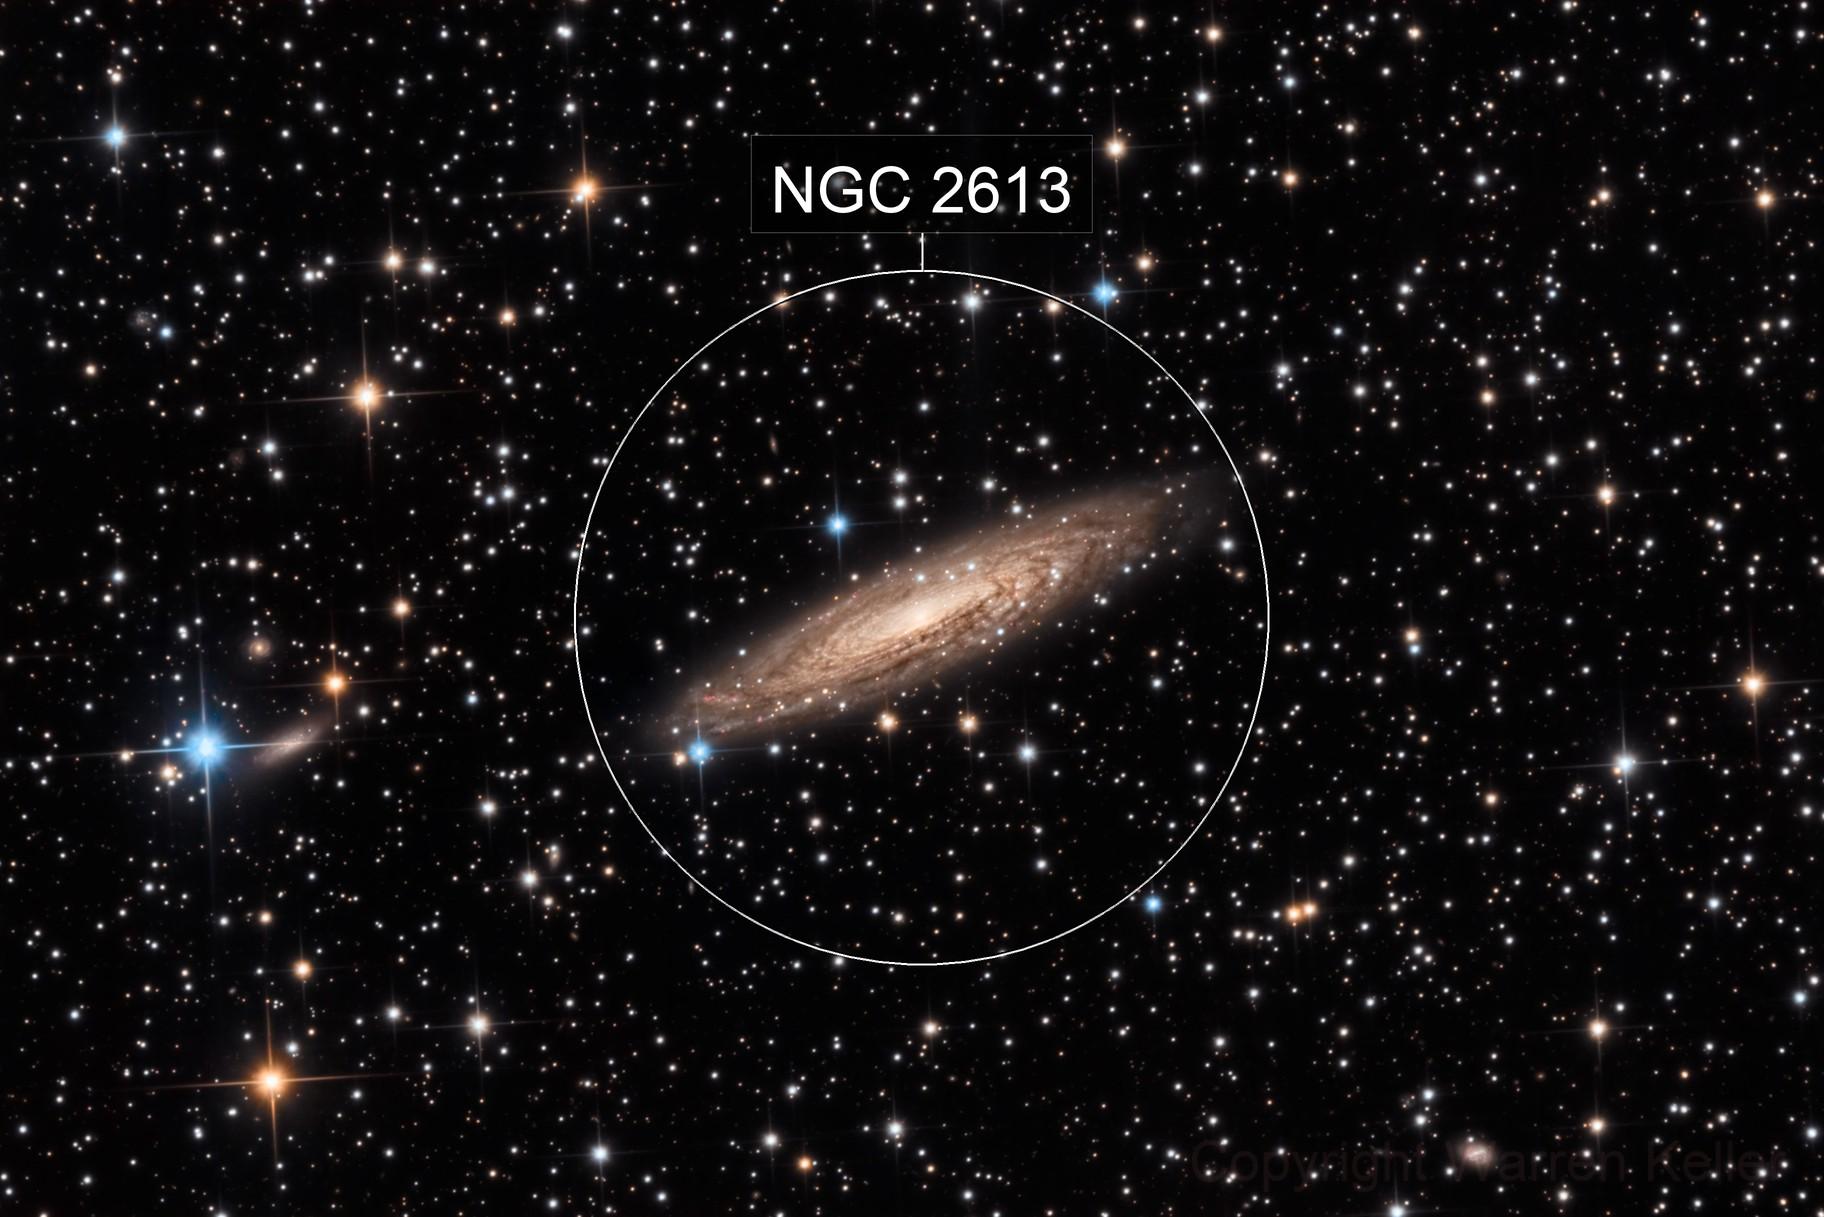 NGC 2613